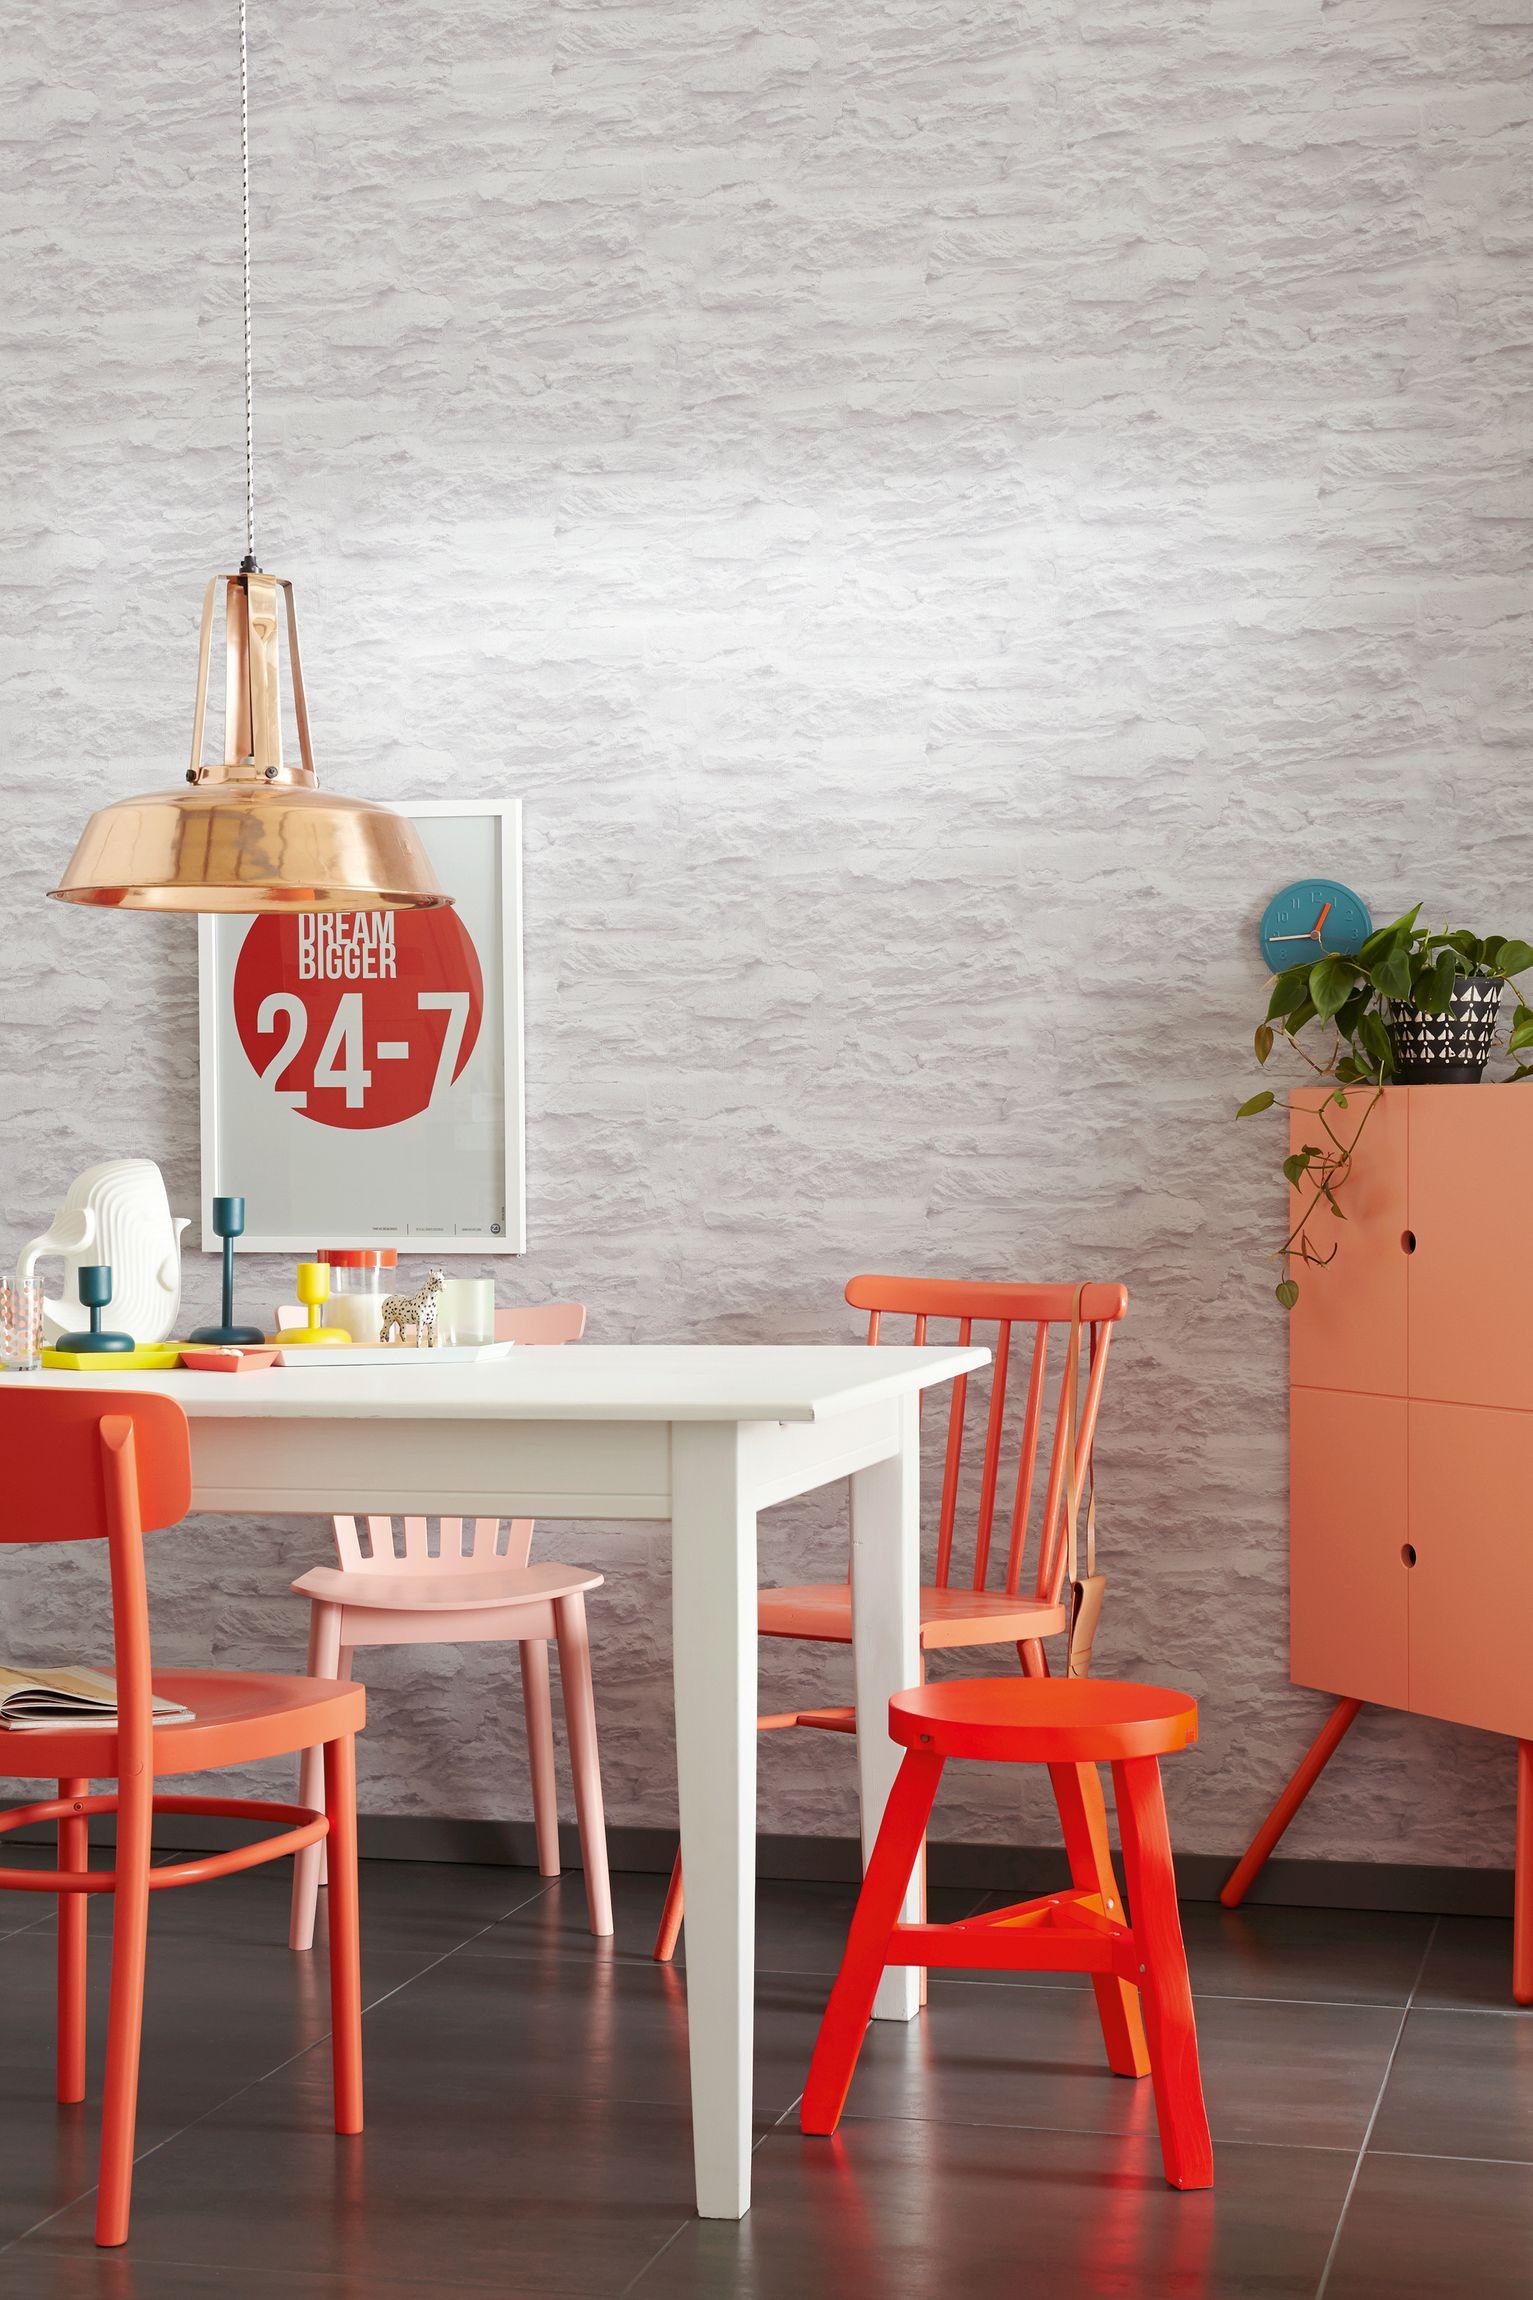 sch ner wohnen strukturtapete urban chic creme grau kollektion 7. Black Bedroom Furniture Sets. Home Design Ideas